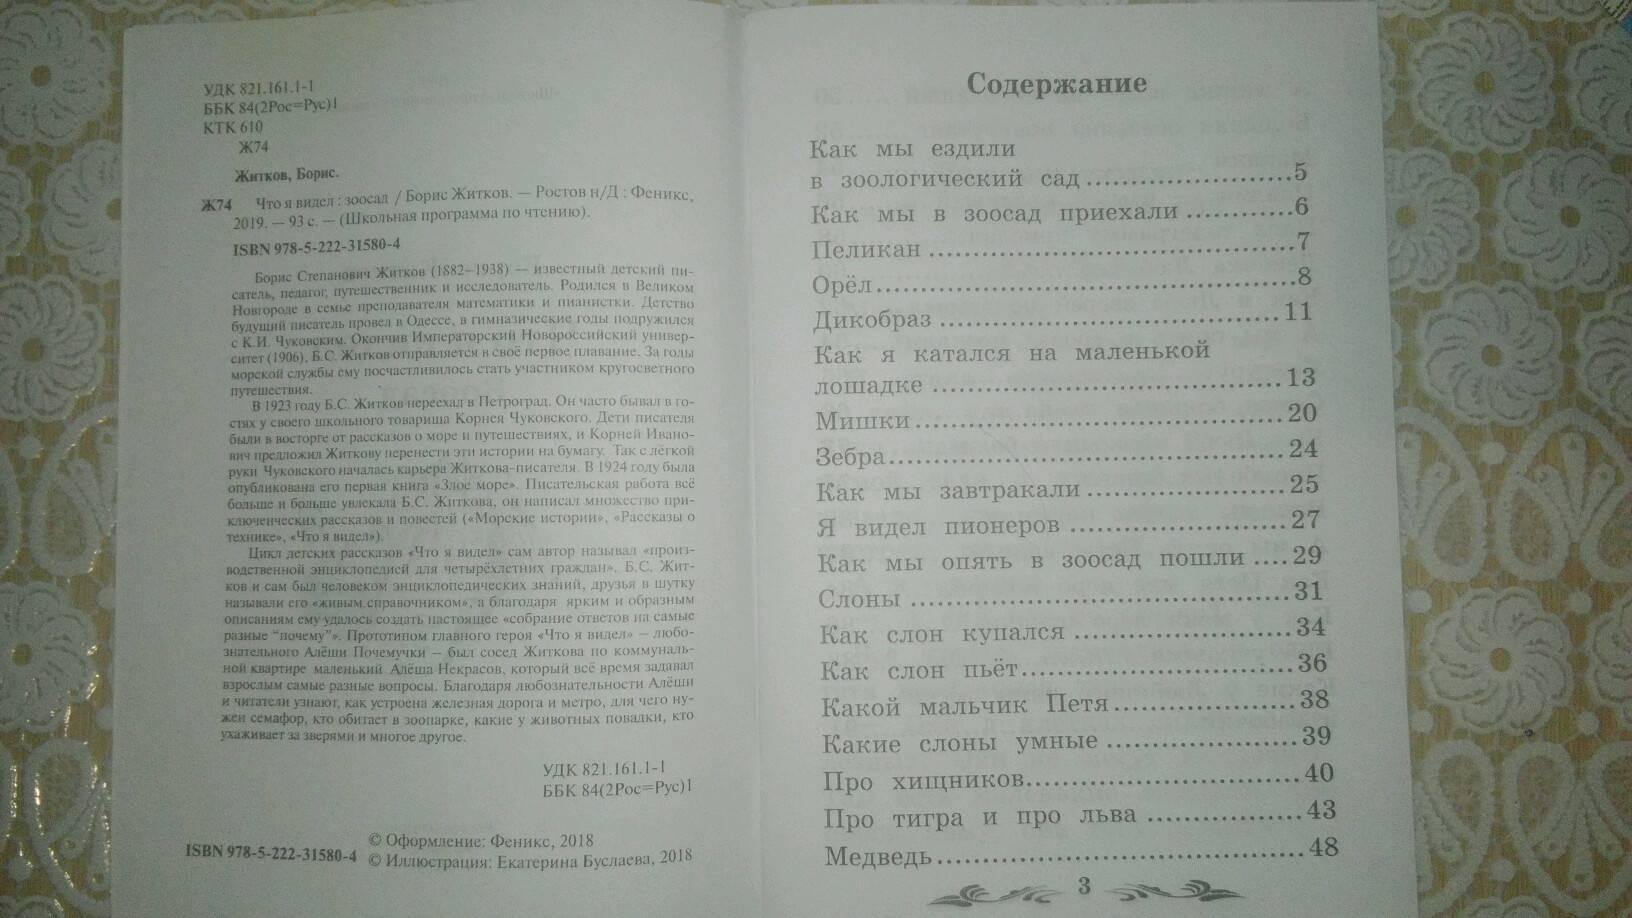 Иллюстрация 3 из 9 для Что я видел. Зоосад - Борис Житков | Лабиринт - книги. Источник: Шевелёва Наталия